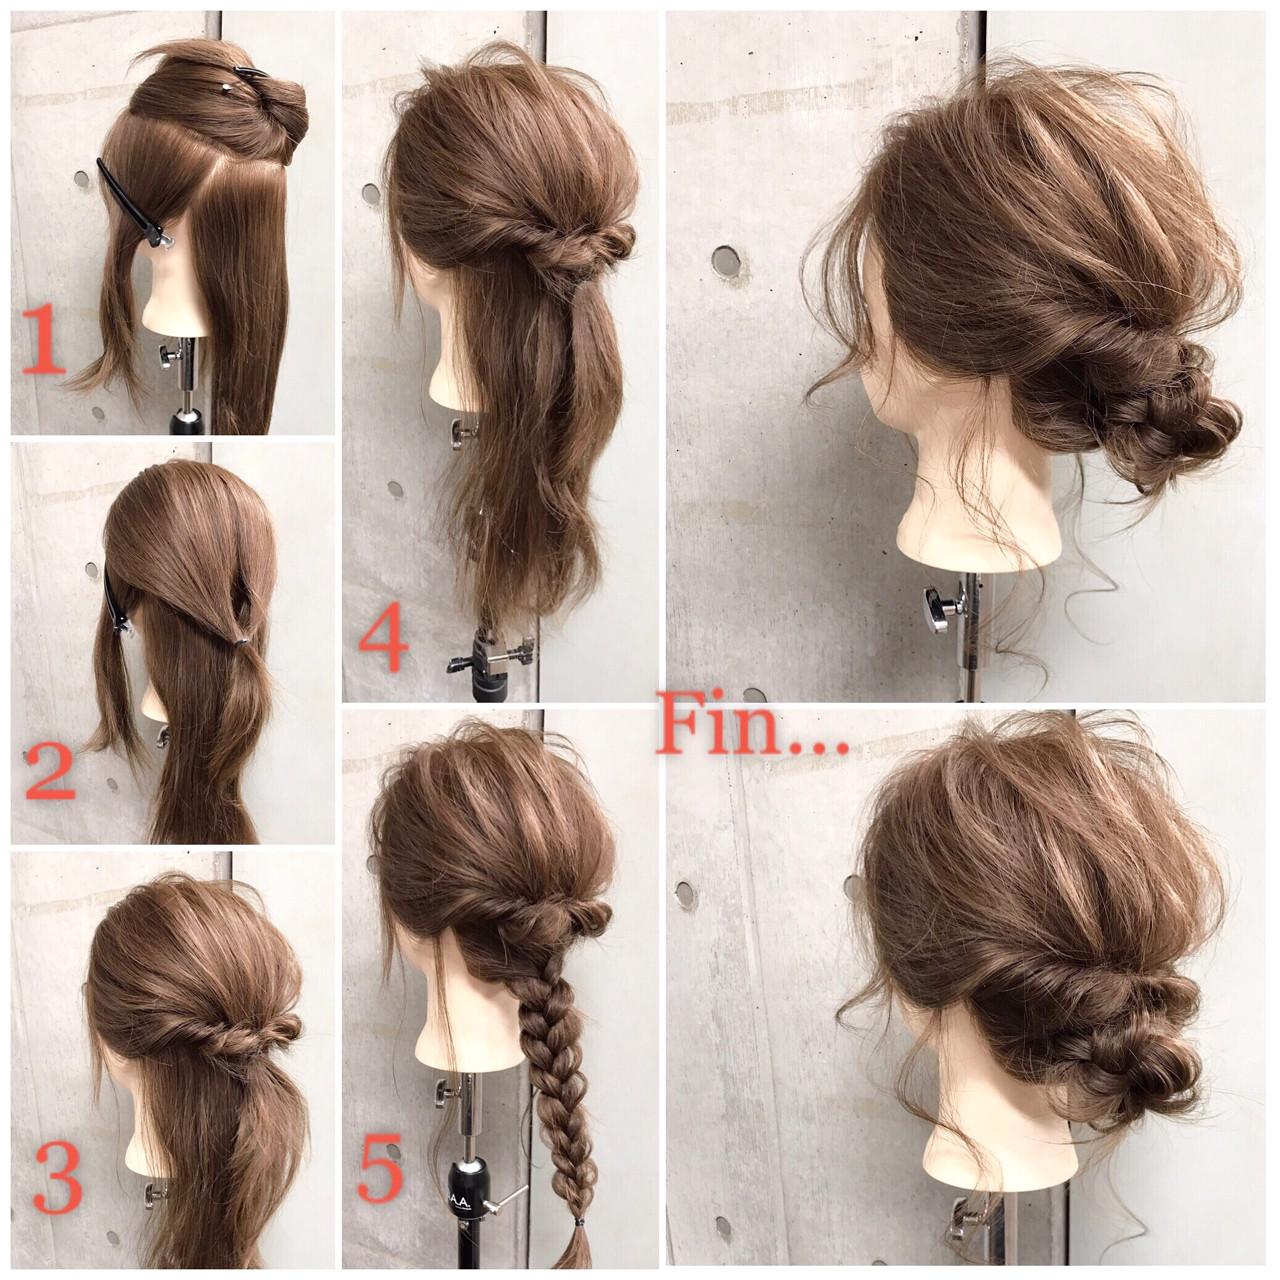 フェミニン 簡単ヘアアレンジ セミロング ヘアアレンジ ヘアスタイルや髪型の写真・画像